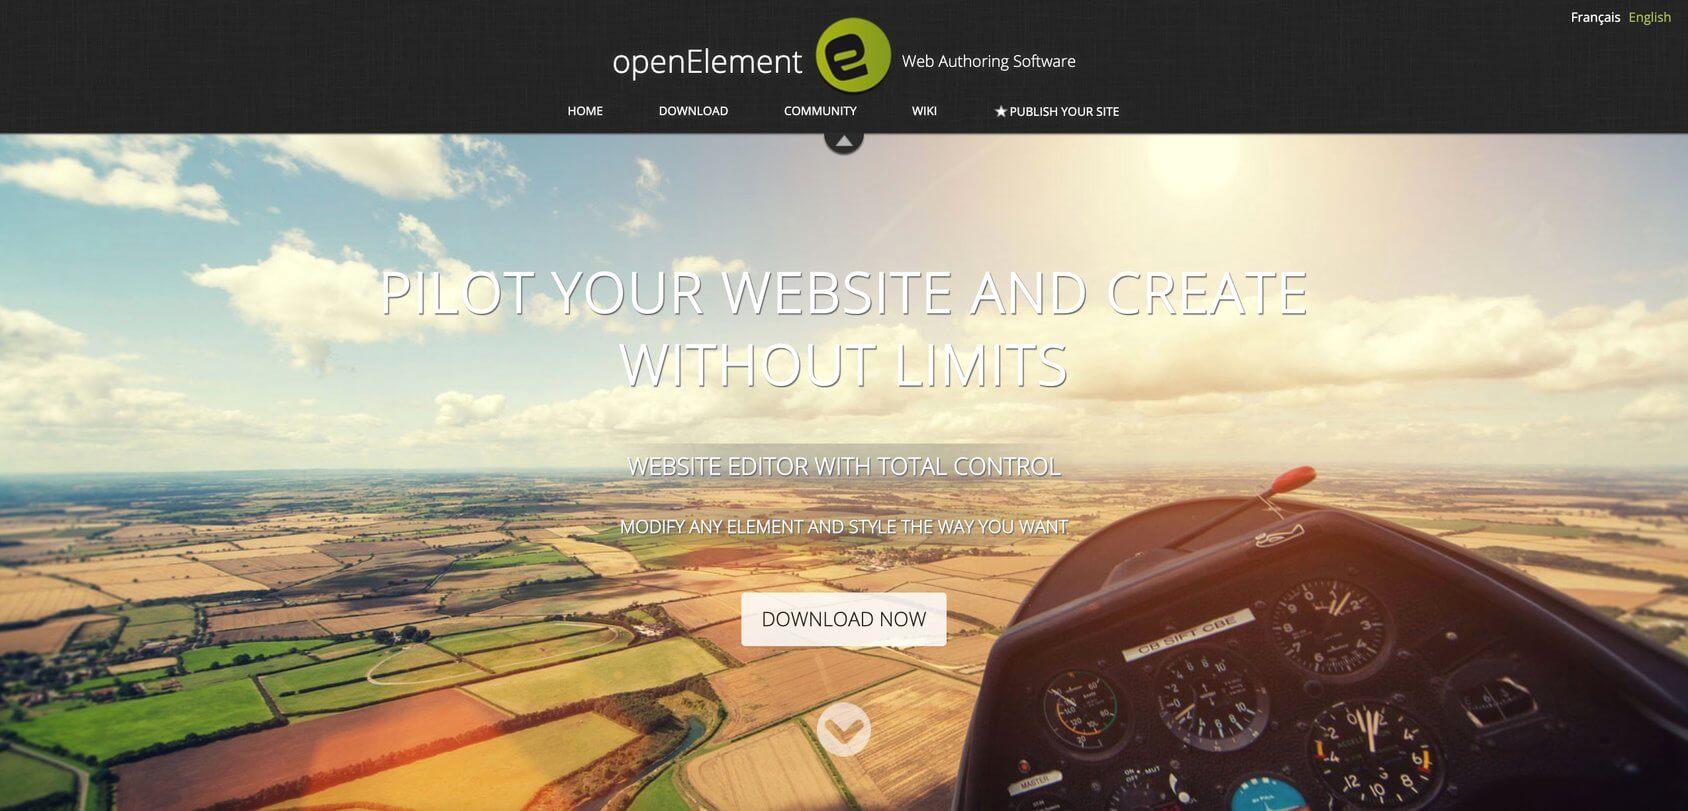 openElement homepage